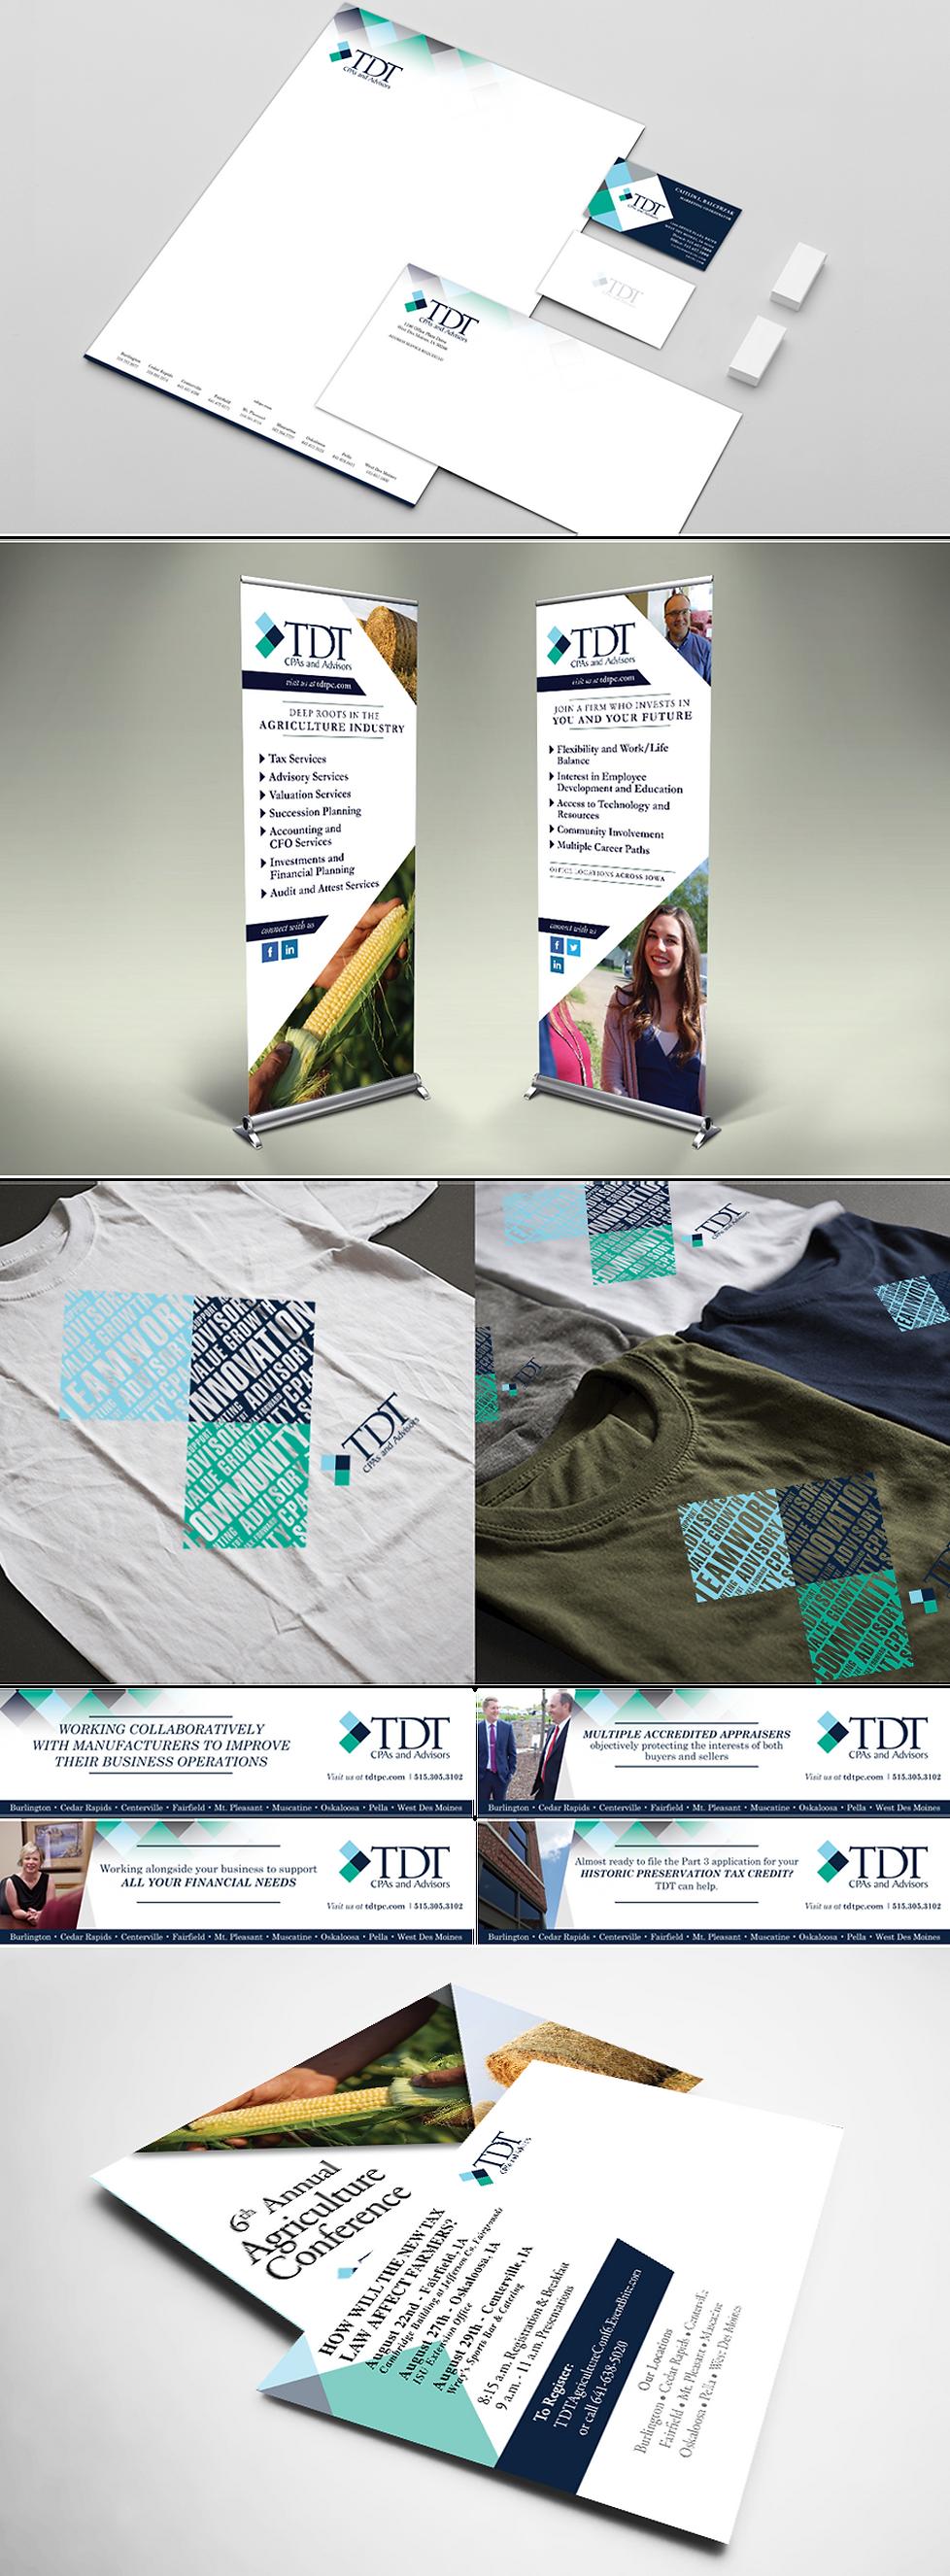 tdt_brandappeal_design.png